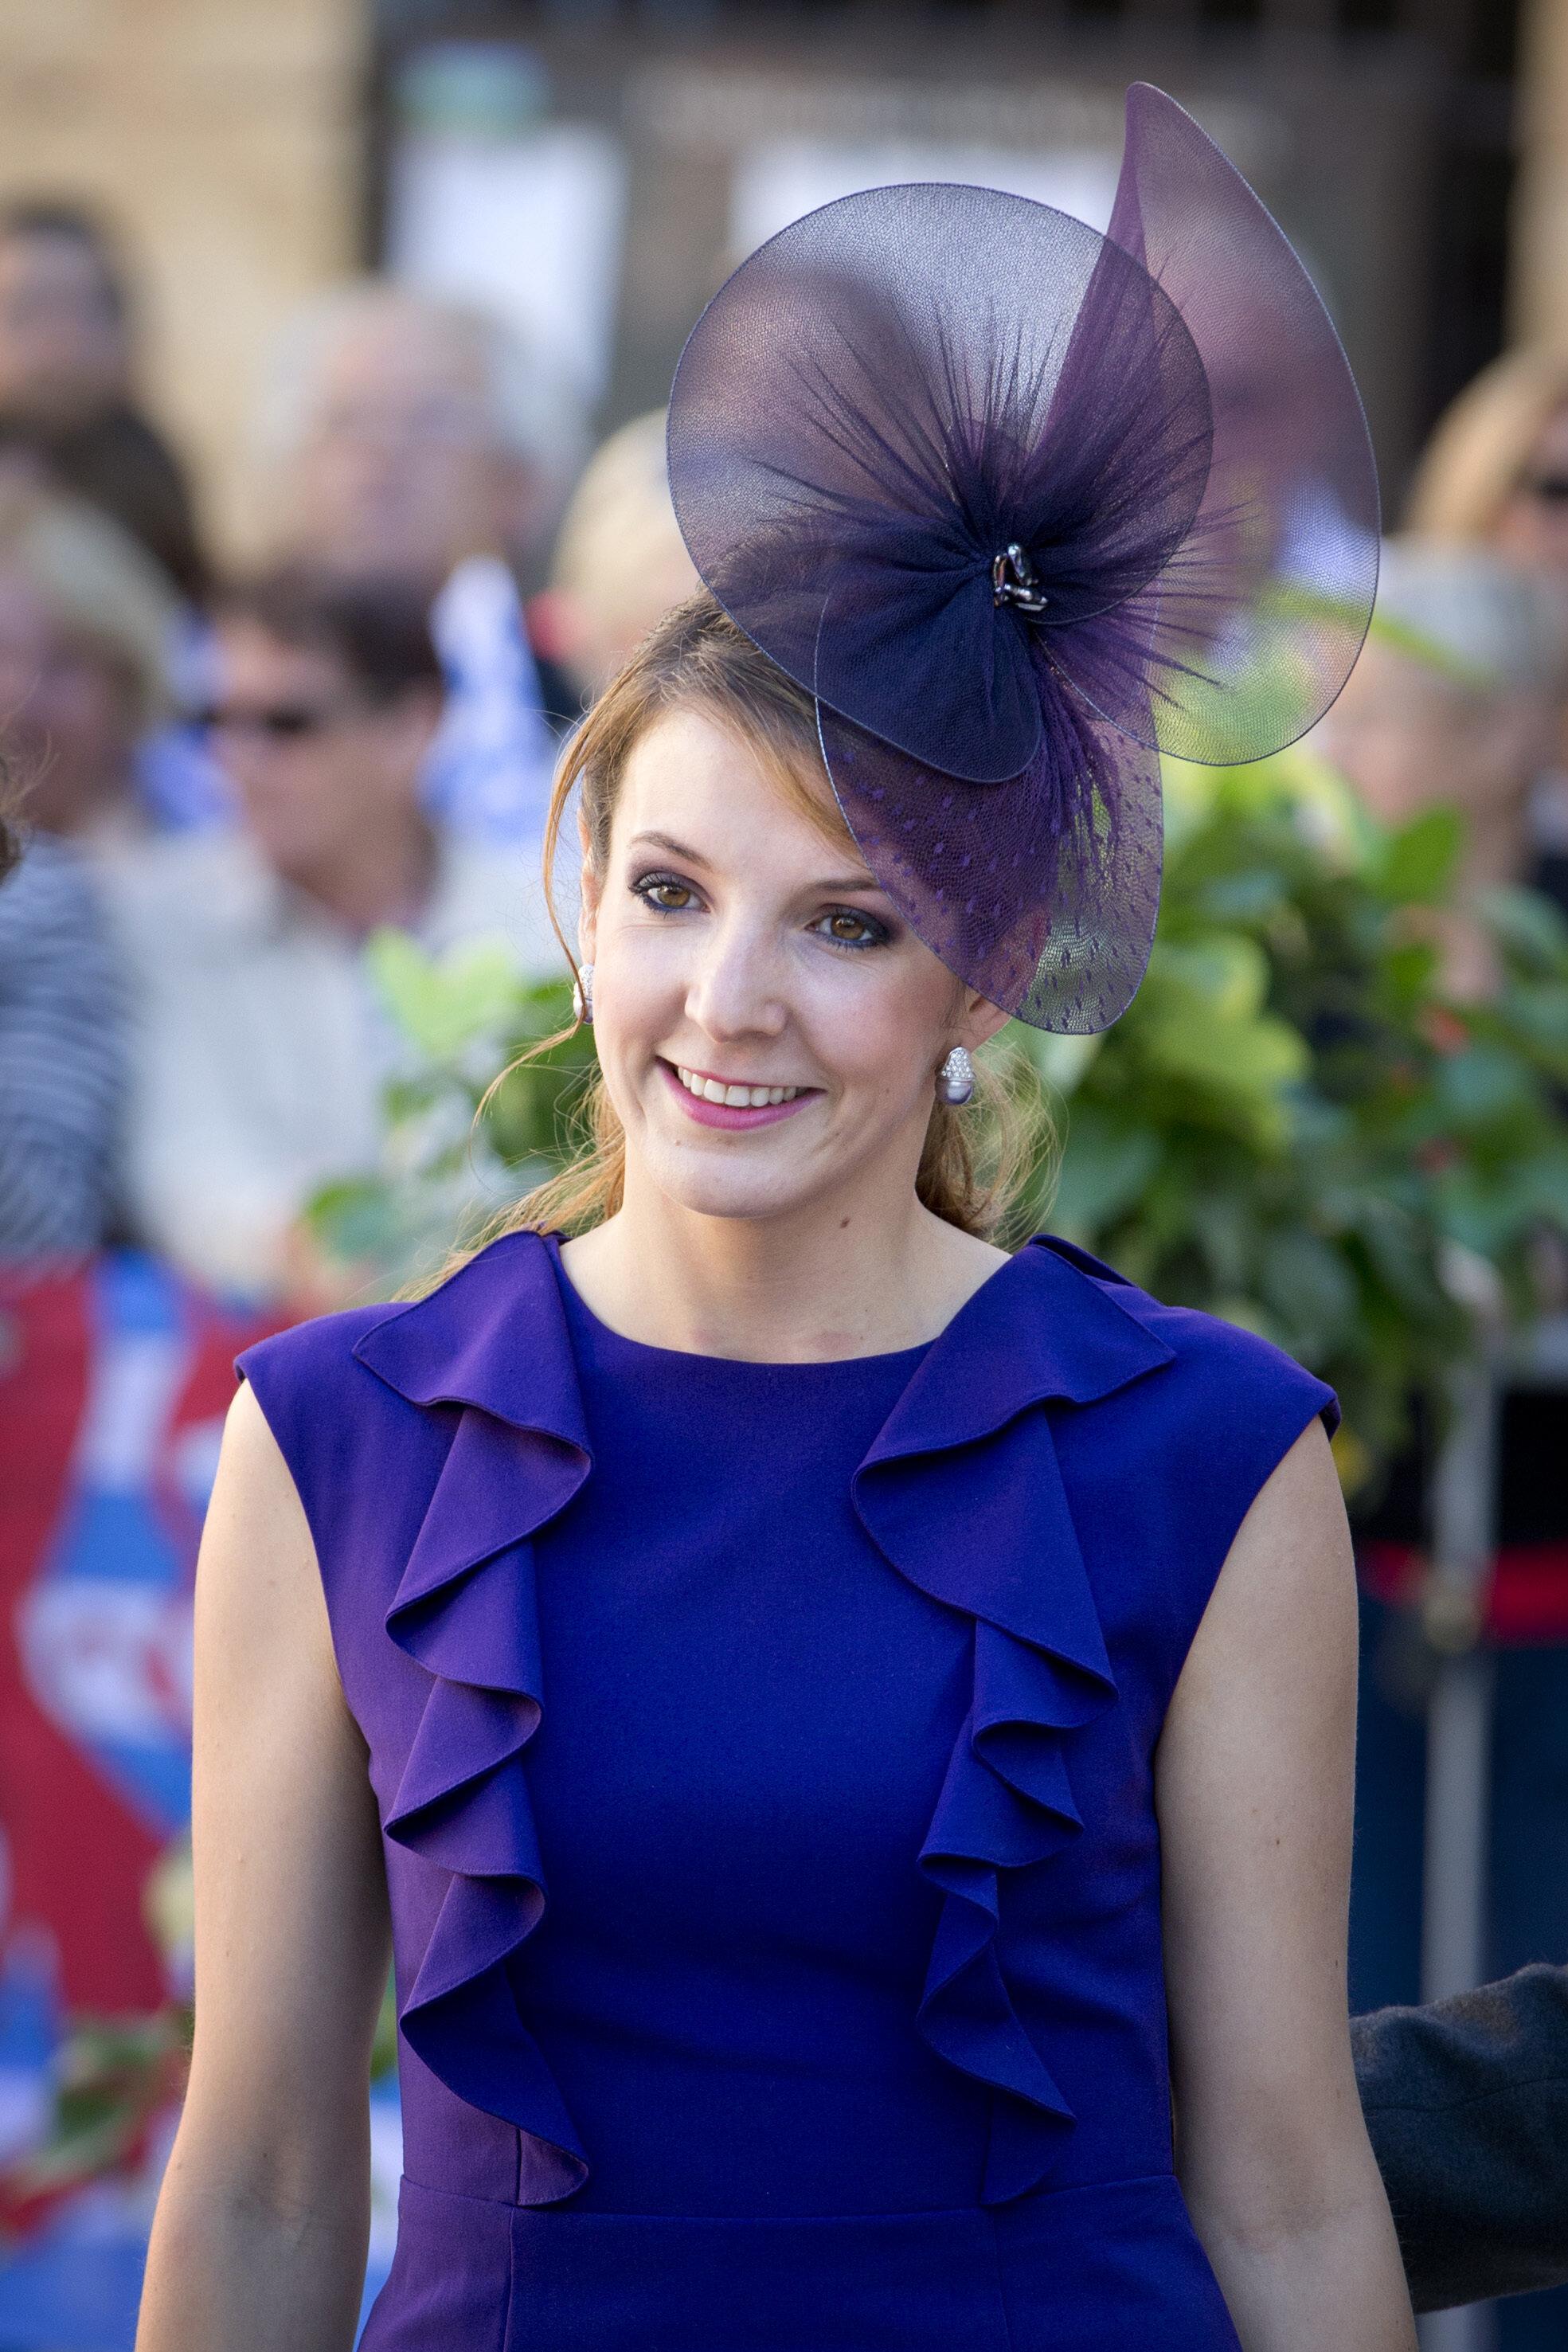 Durch ihre Hochzeit mit Prinz Louis wurde Tessy 2006 Teil der großherzoglichen Familie von Luxemburg. Doch selbst nach der Scheidung leidet ihre Familie unter schrecklichen Anfeindungen.  © dpa